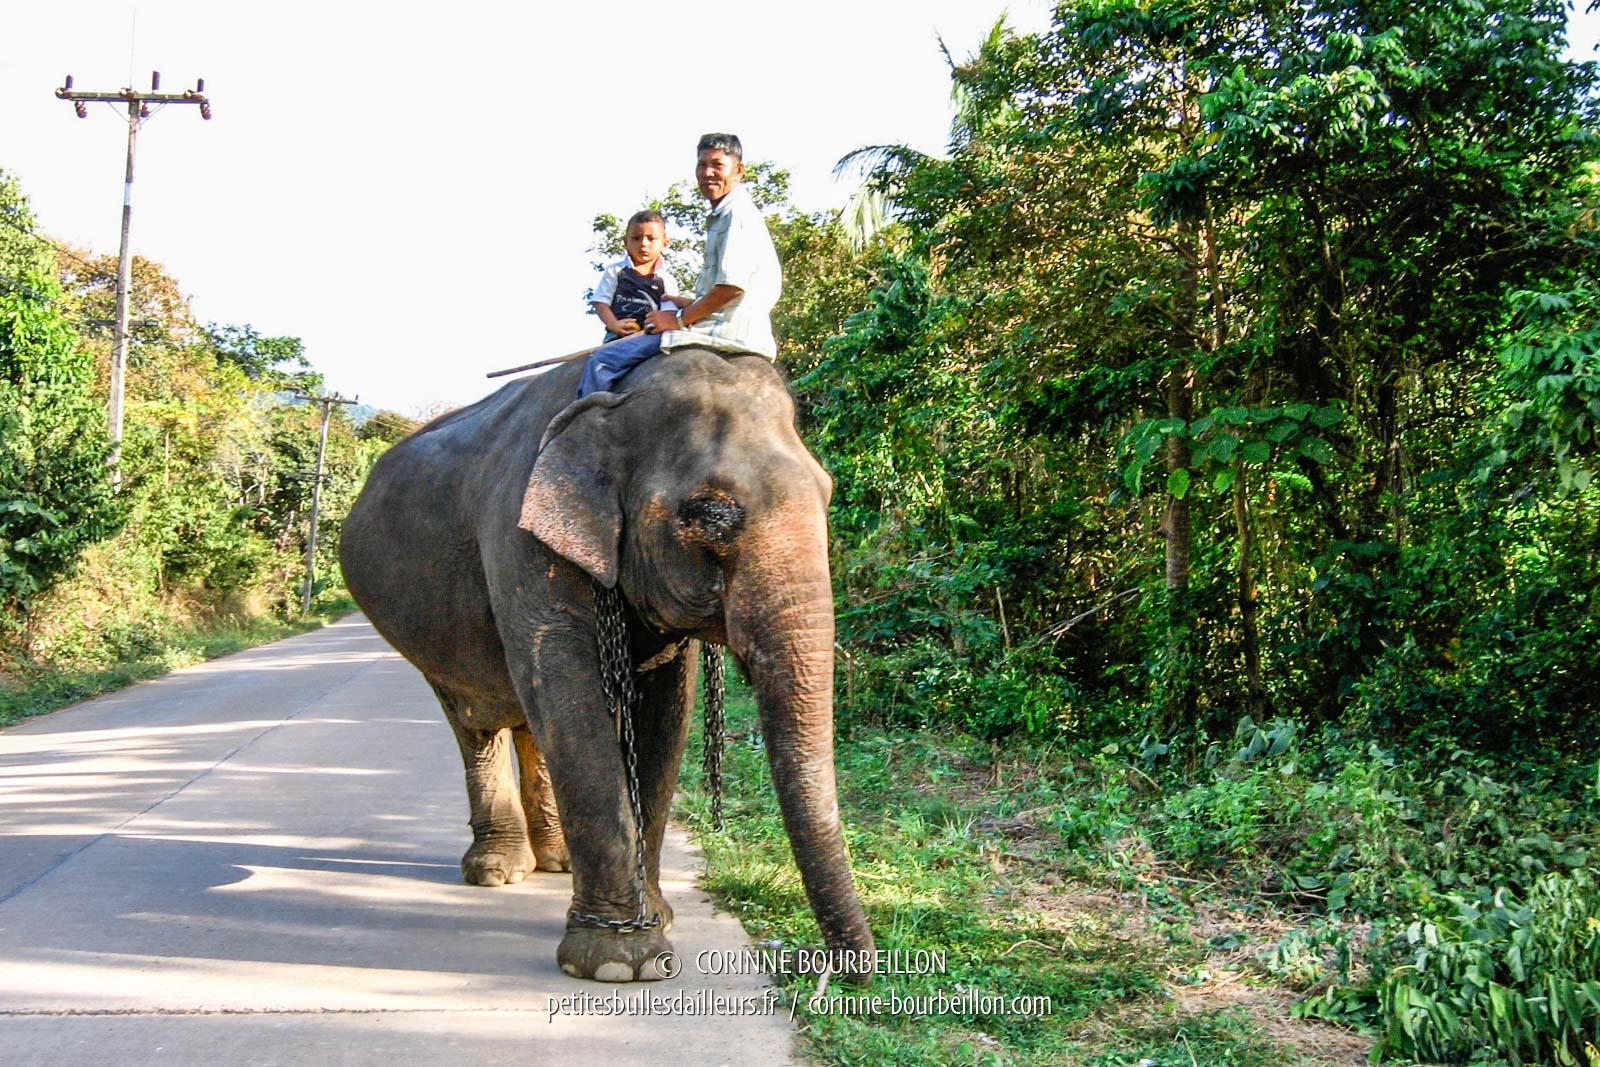 Éléphant croisé sur la route à Koh Lanta. (Thaïlande, janvier 2007)